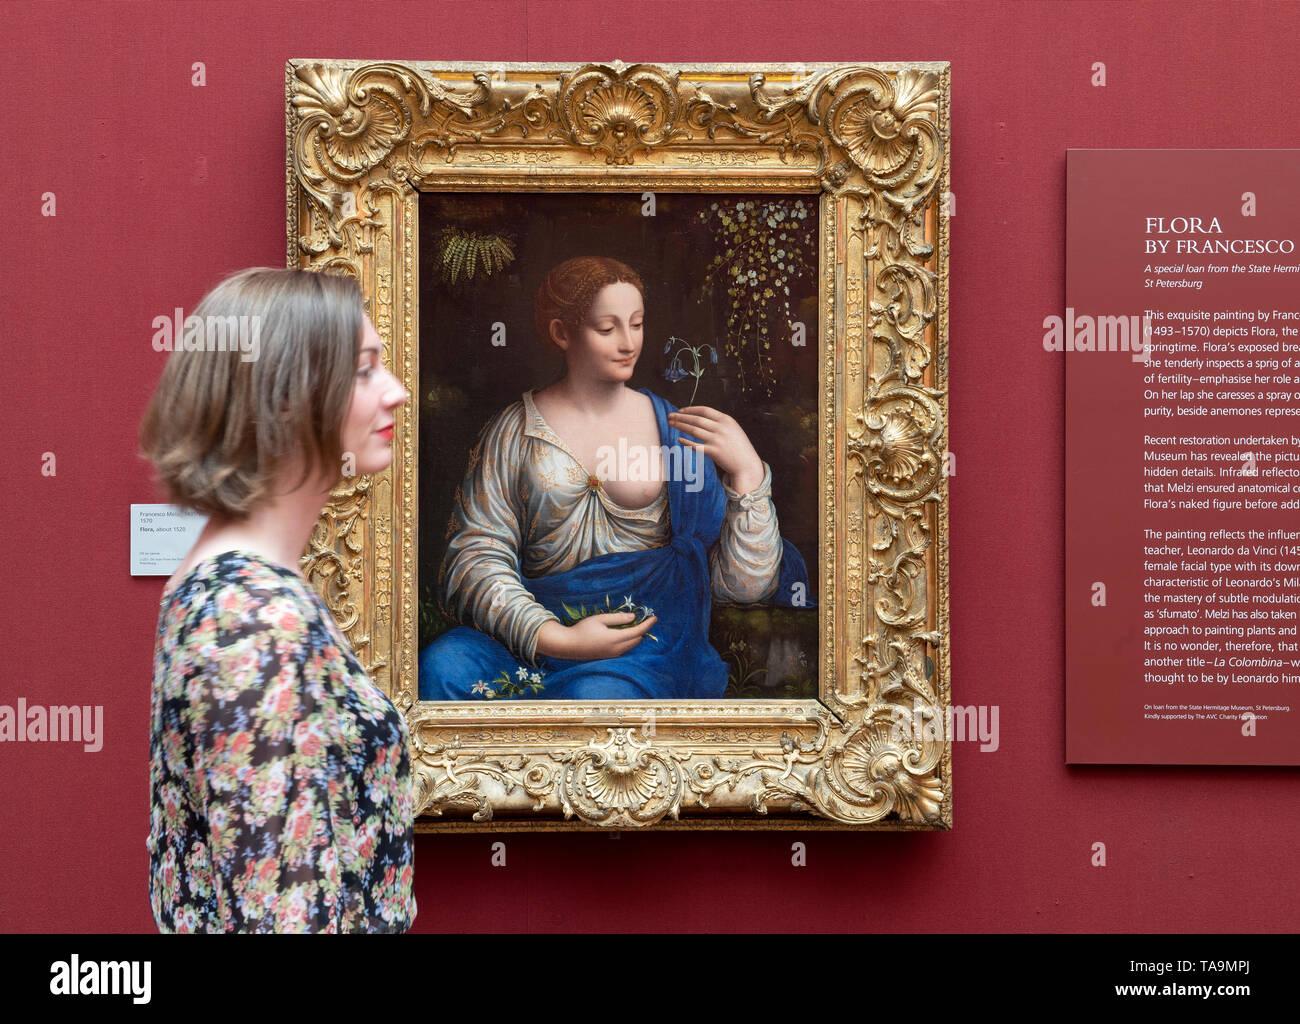 National Gallery, London, UK. 23. Mai 2019. Leonardo's Legacy: Francesco Melzi und der Leonardeschi Ausstellung. Die National Gallery ist der 500. Geburtstag von Leonardo da Vinci's Tod mit einer Anzeige bei der Präsentation der außergewöhnlichen Darlehen von den kürzlich restaurierten Flora (ca. 1520) von Francesco Melzi aus der Eremitage, St. Petersburg. Dies ist das erste Mal das Gemälde in der UK gesehen worden ist und zum ersten Mal außerhalb Russlands zu sehen ist seit seiner Restaurierung. Credit: Malcolm Park/Alamy Leben Nachrichten. Credit: Malcolm Park/Alamy leben Nachrichten Stockbild